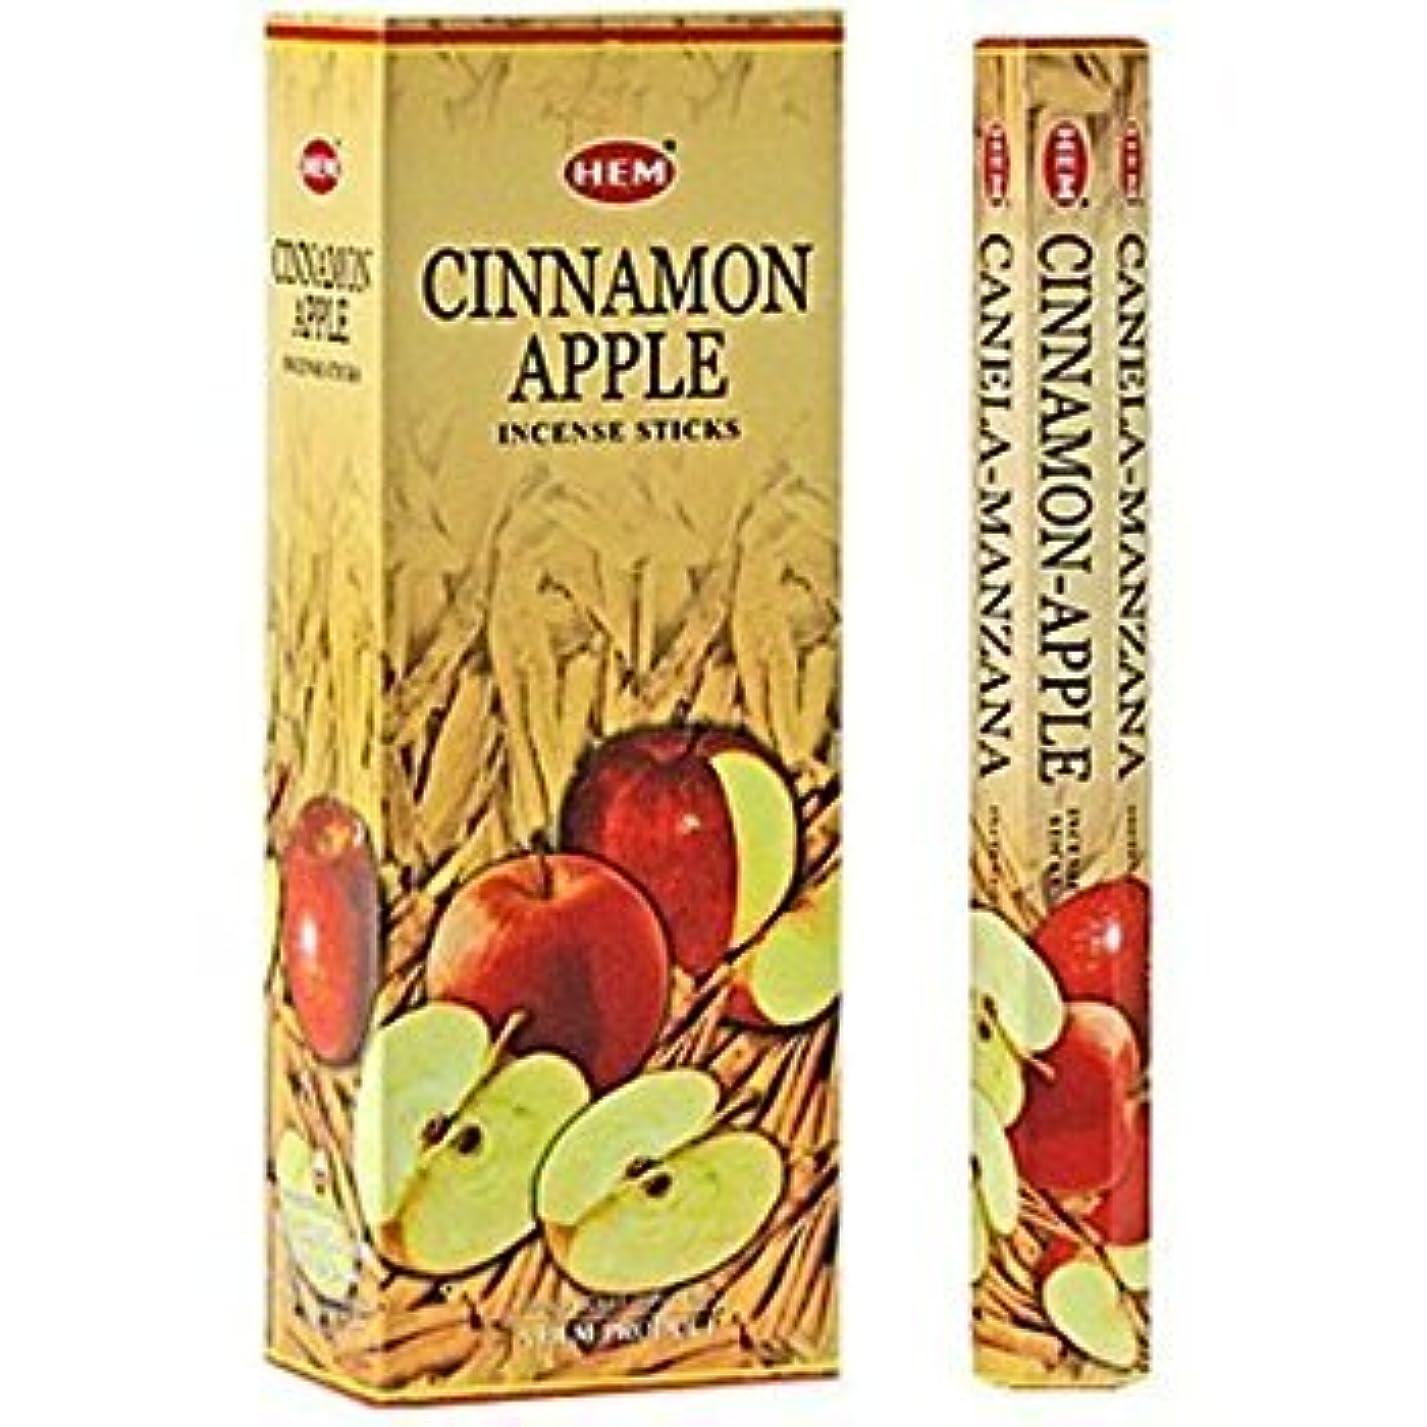 肝ハウスこんにちはCinnamon Apple - Box of Six 20 Stick Tubes - HEM Incense